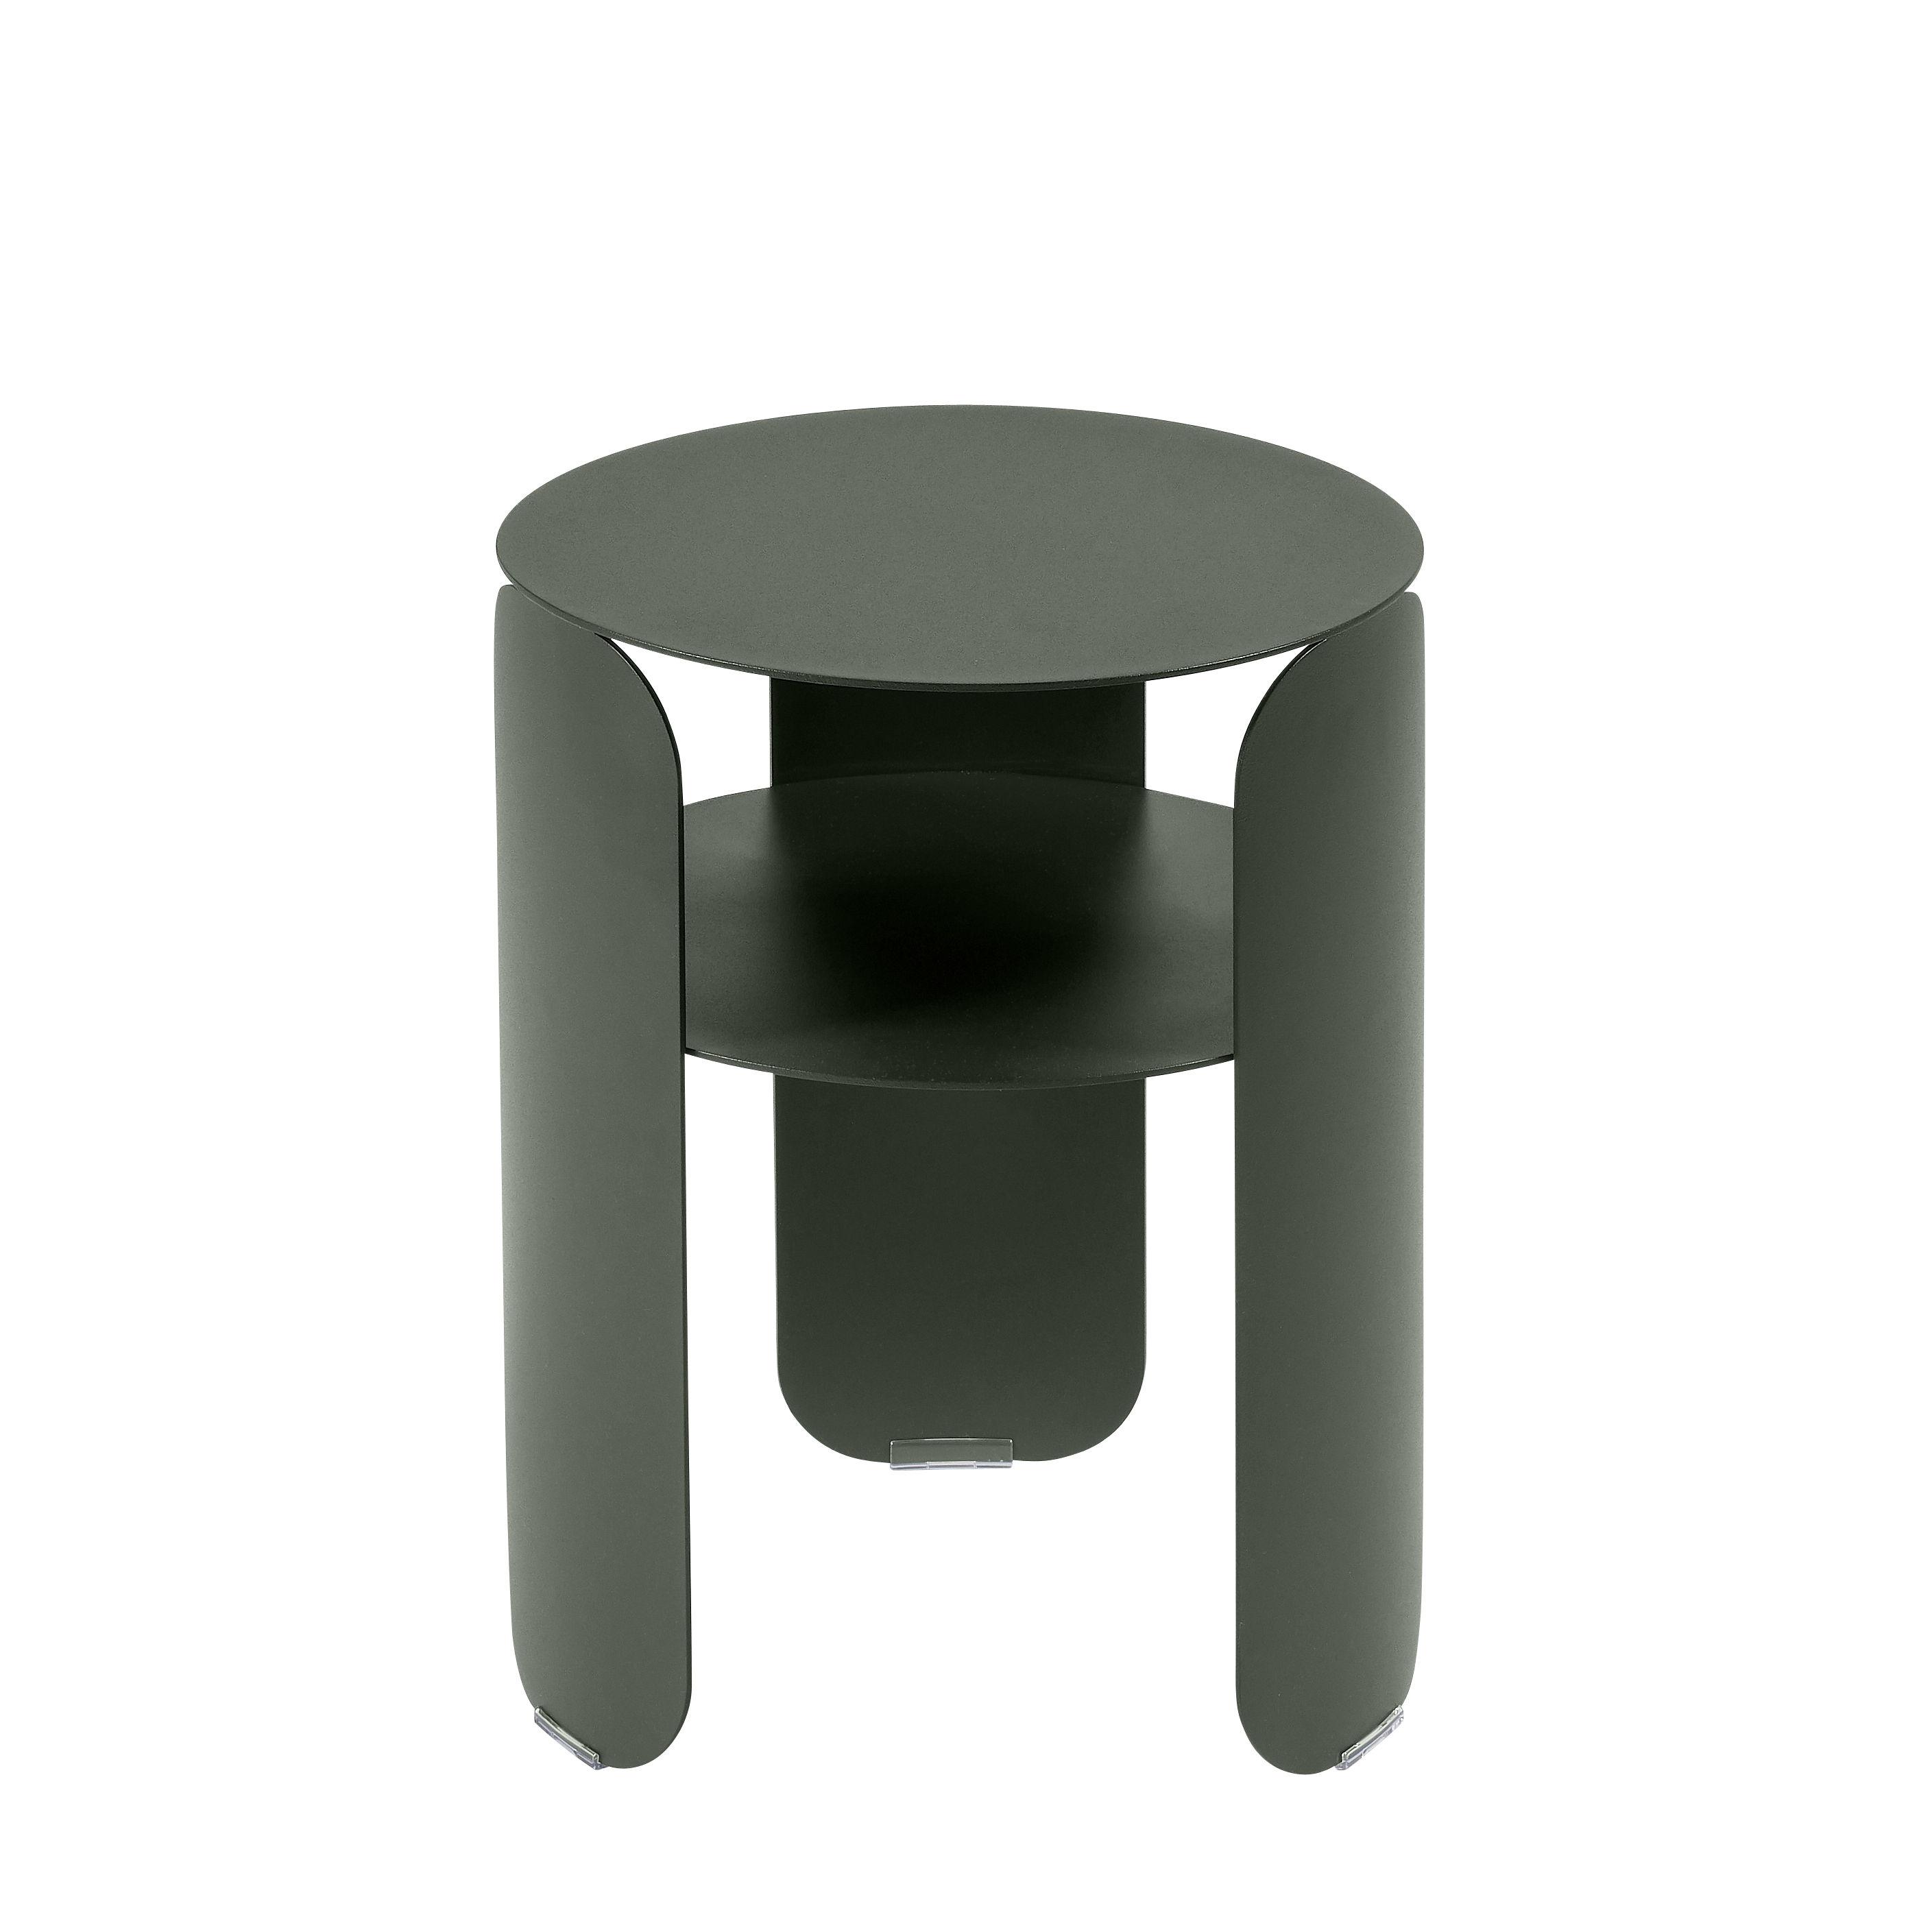 Möbel - Couchtische - Bebop Beistelltisch / Ø 35 x H 45 cm - Fermob - Rosmarin - bemaltes Aluminium